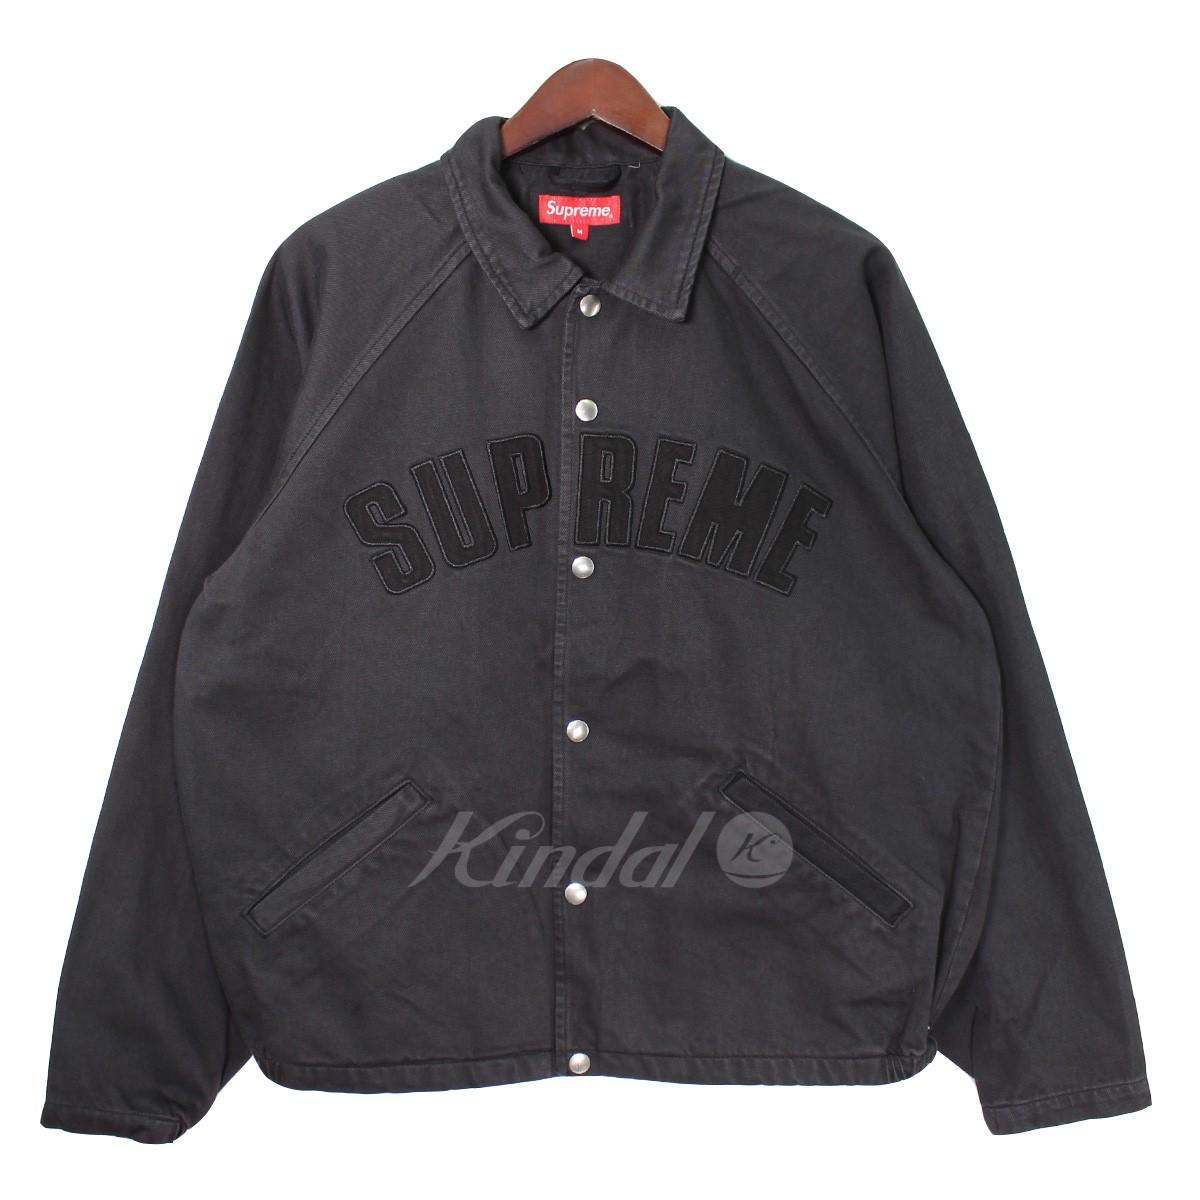 【中古】SUPREME 18AW Snap Front Twill Jacket アーチロゴスナップジャケット ブラック サイズ:M 【280818】(シュプリーム)